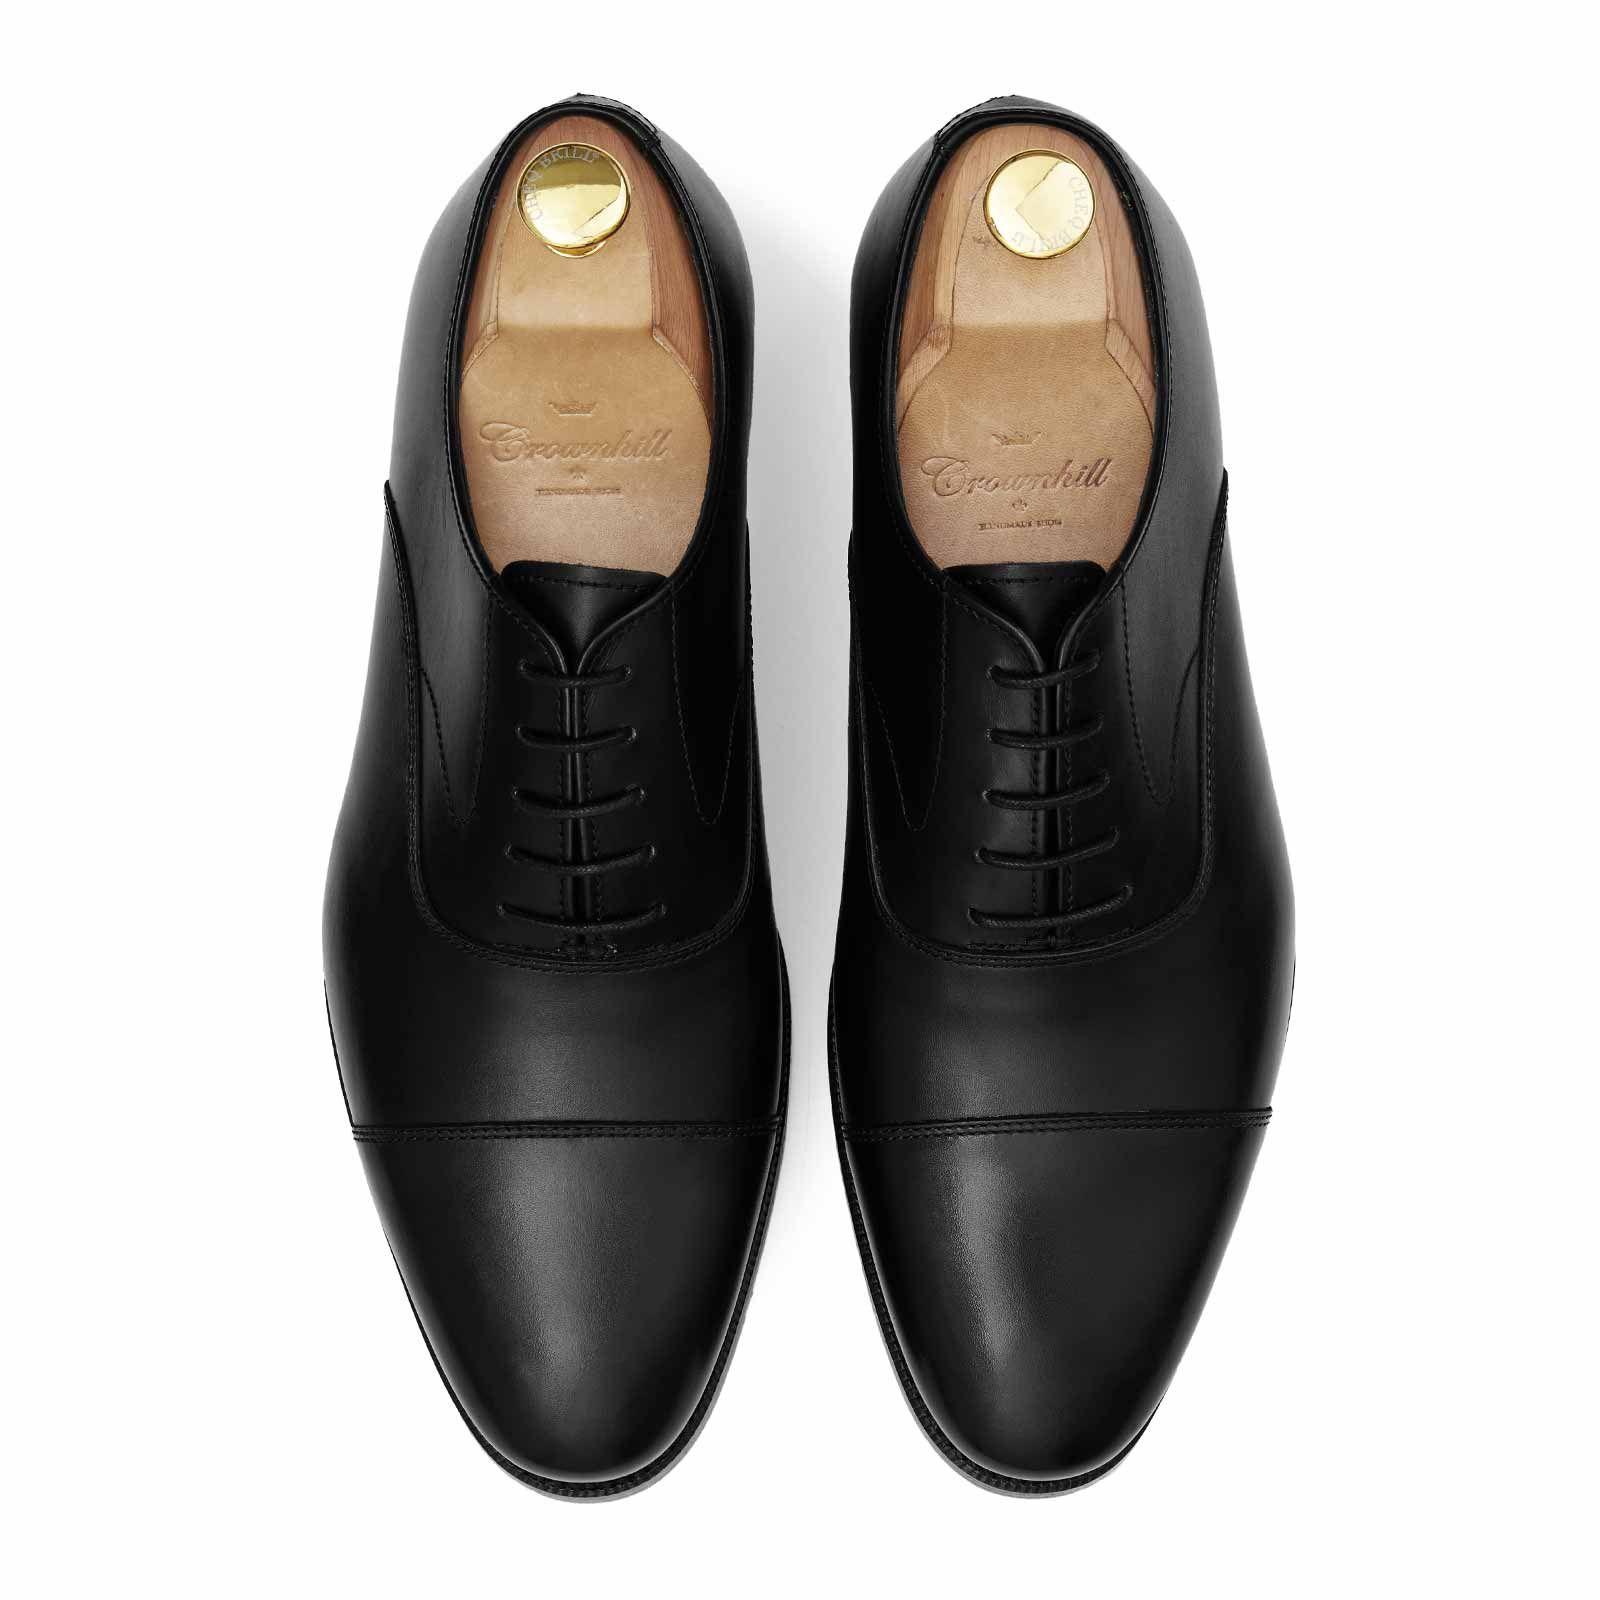 Camoscio Stile Europeo Scarpe in pelle con Lacci Uomo Oxford Formale Casuale